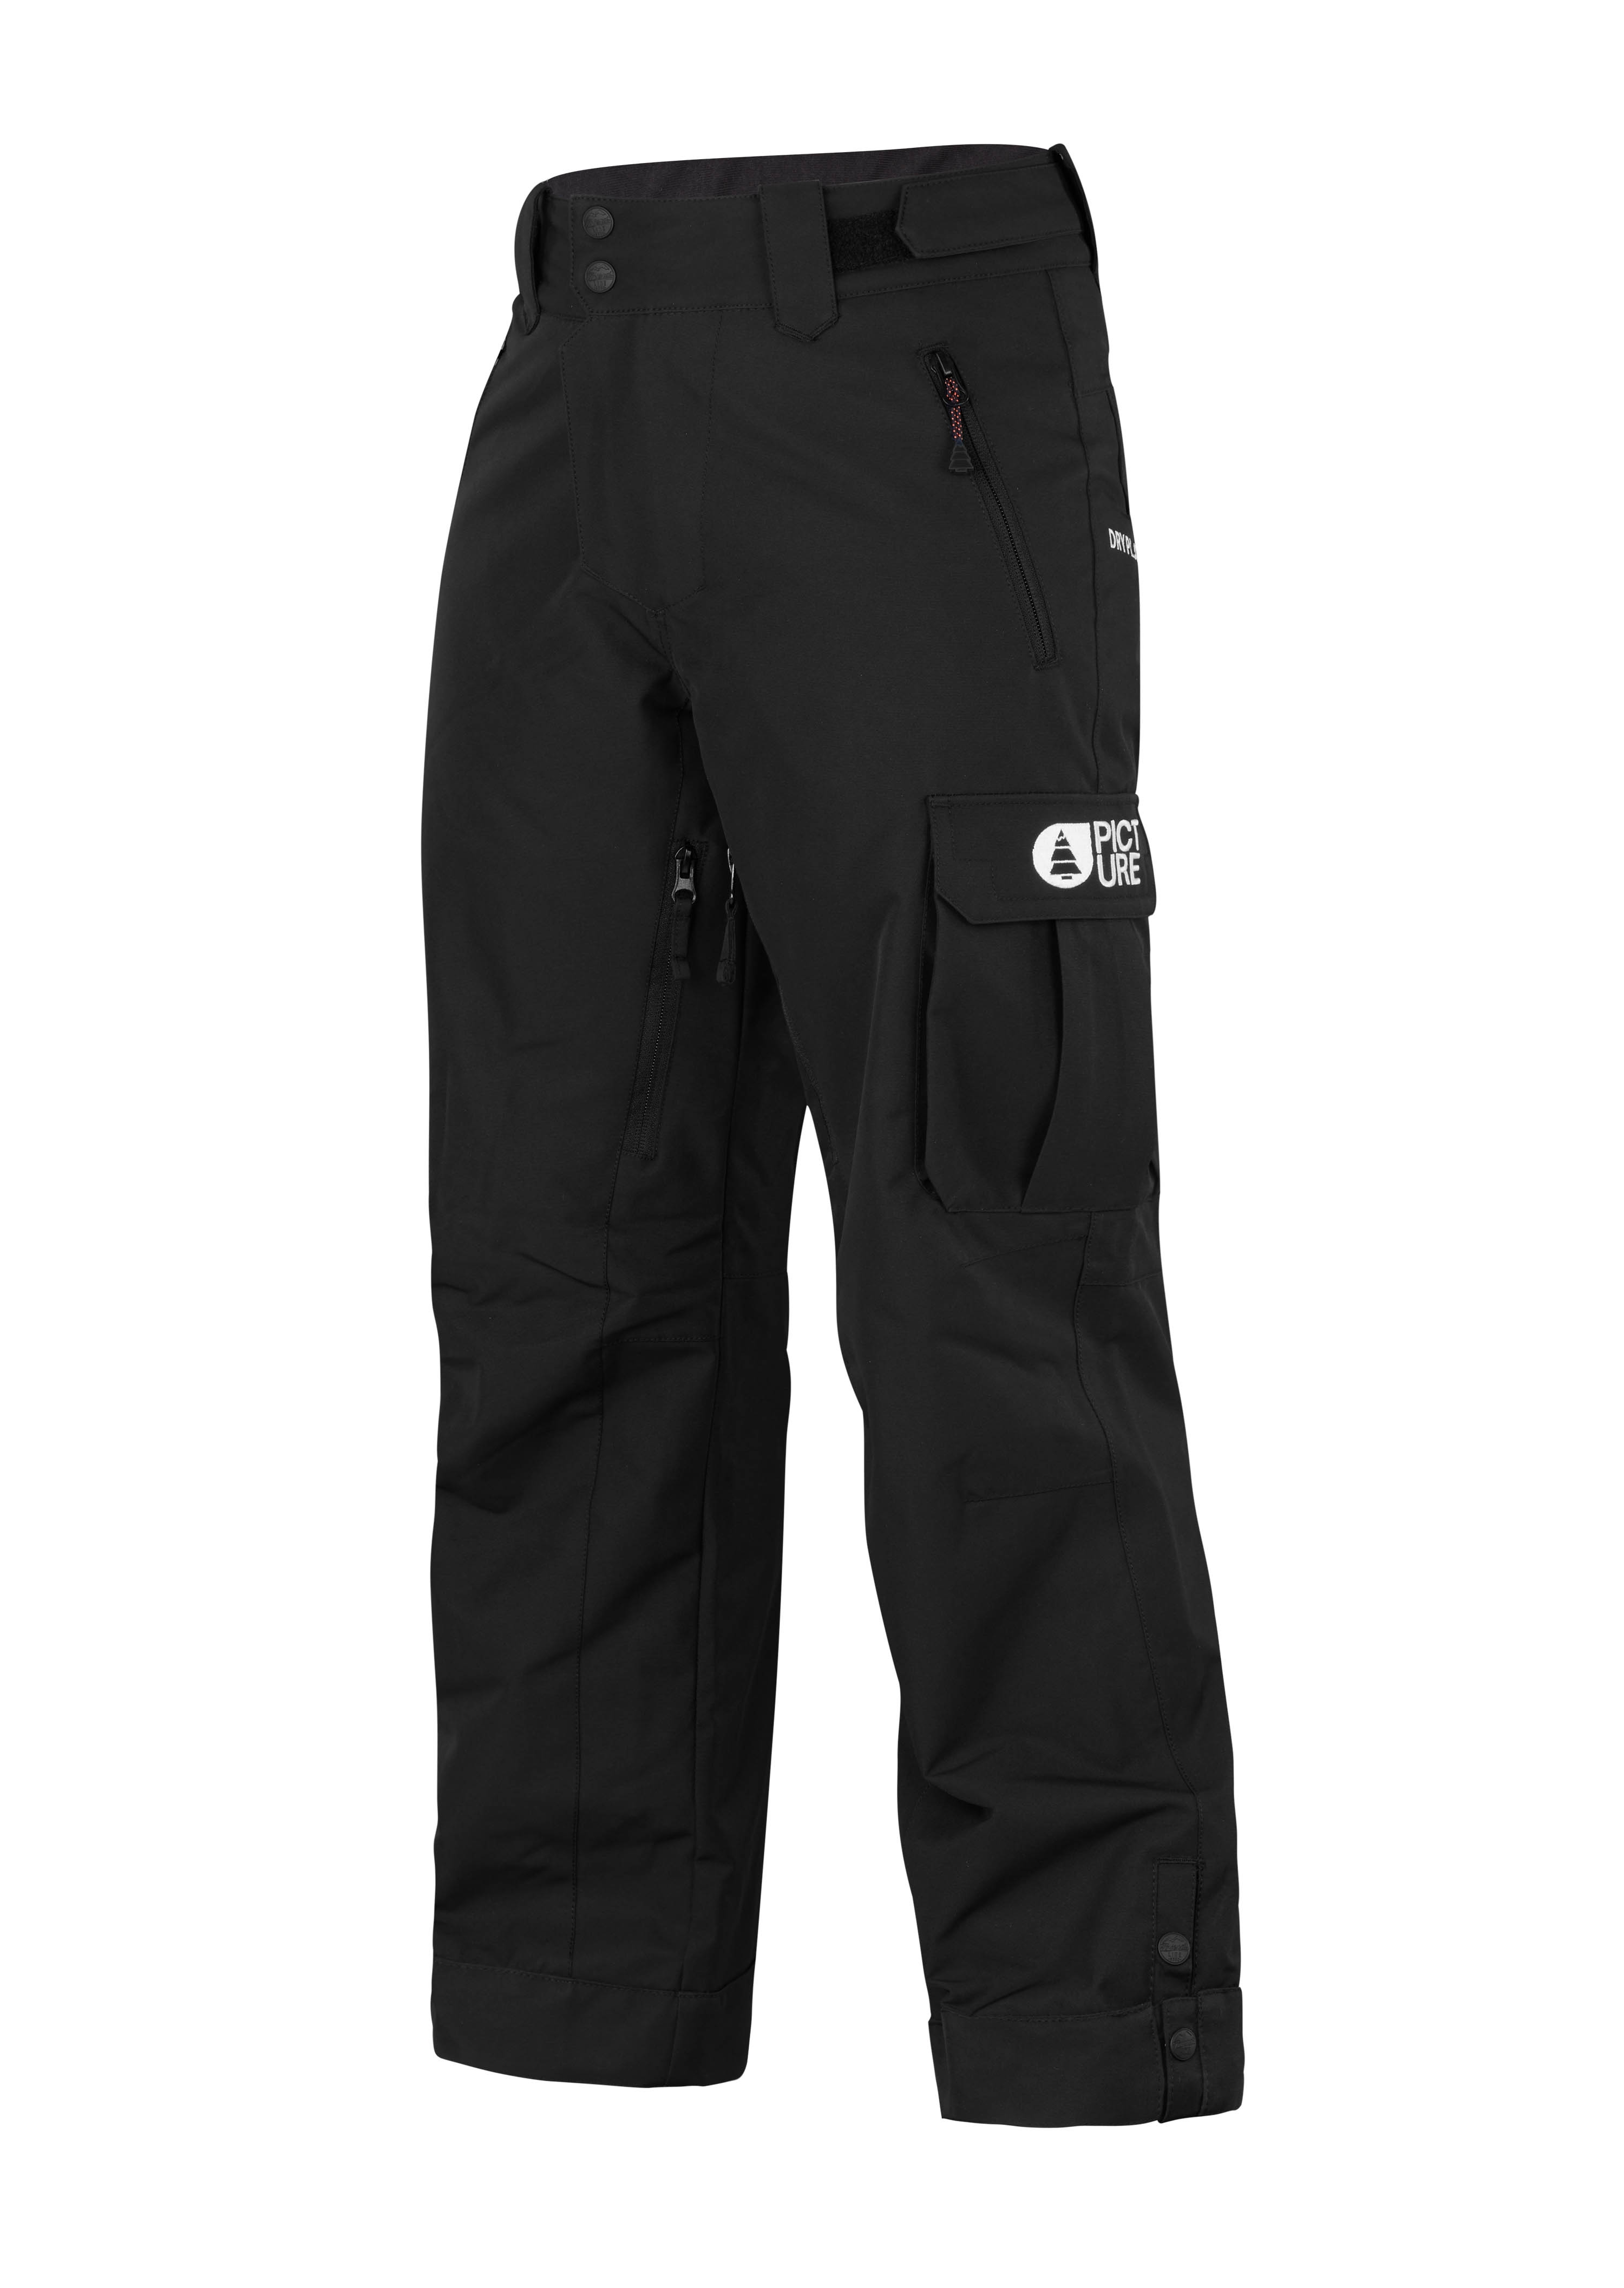 82146fd21831 Pantalon de ski enfant, pantalon snowboard - - PRECISION SKI